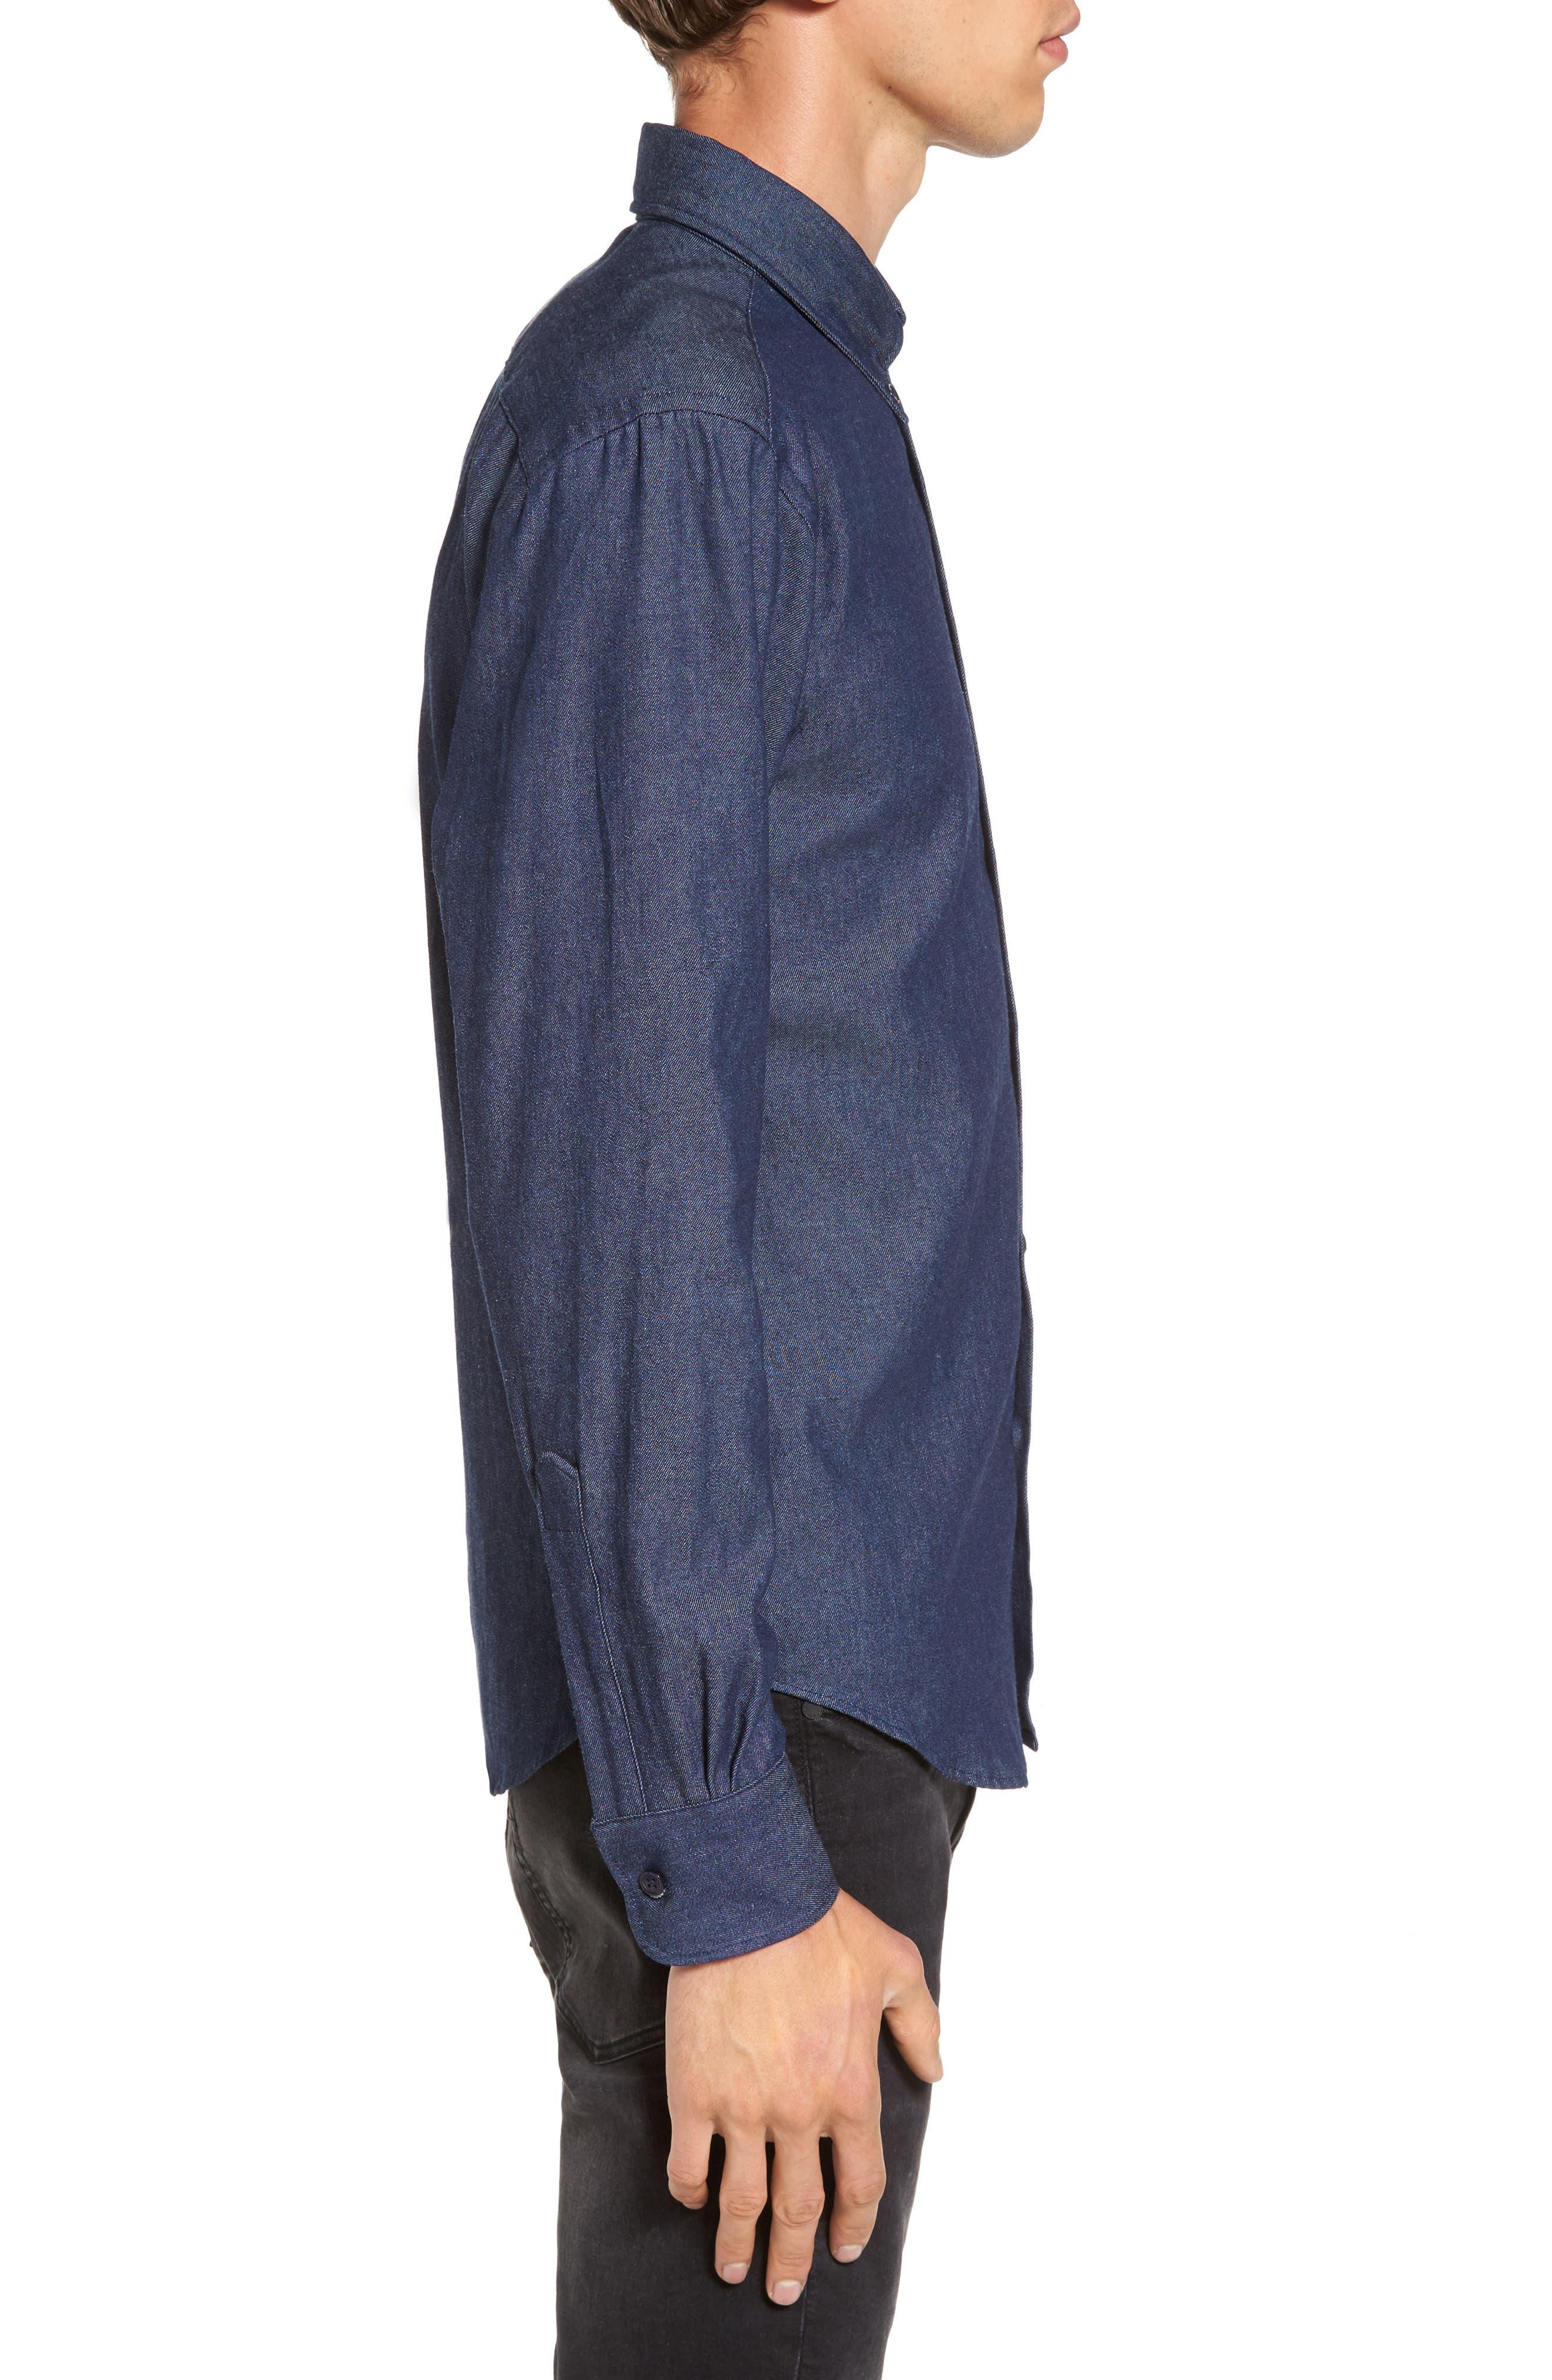 Alternate Image 3  - Naked & Famous Denim Indigo Long Sleeve Shirt